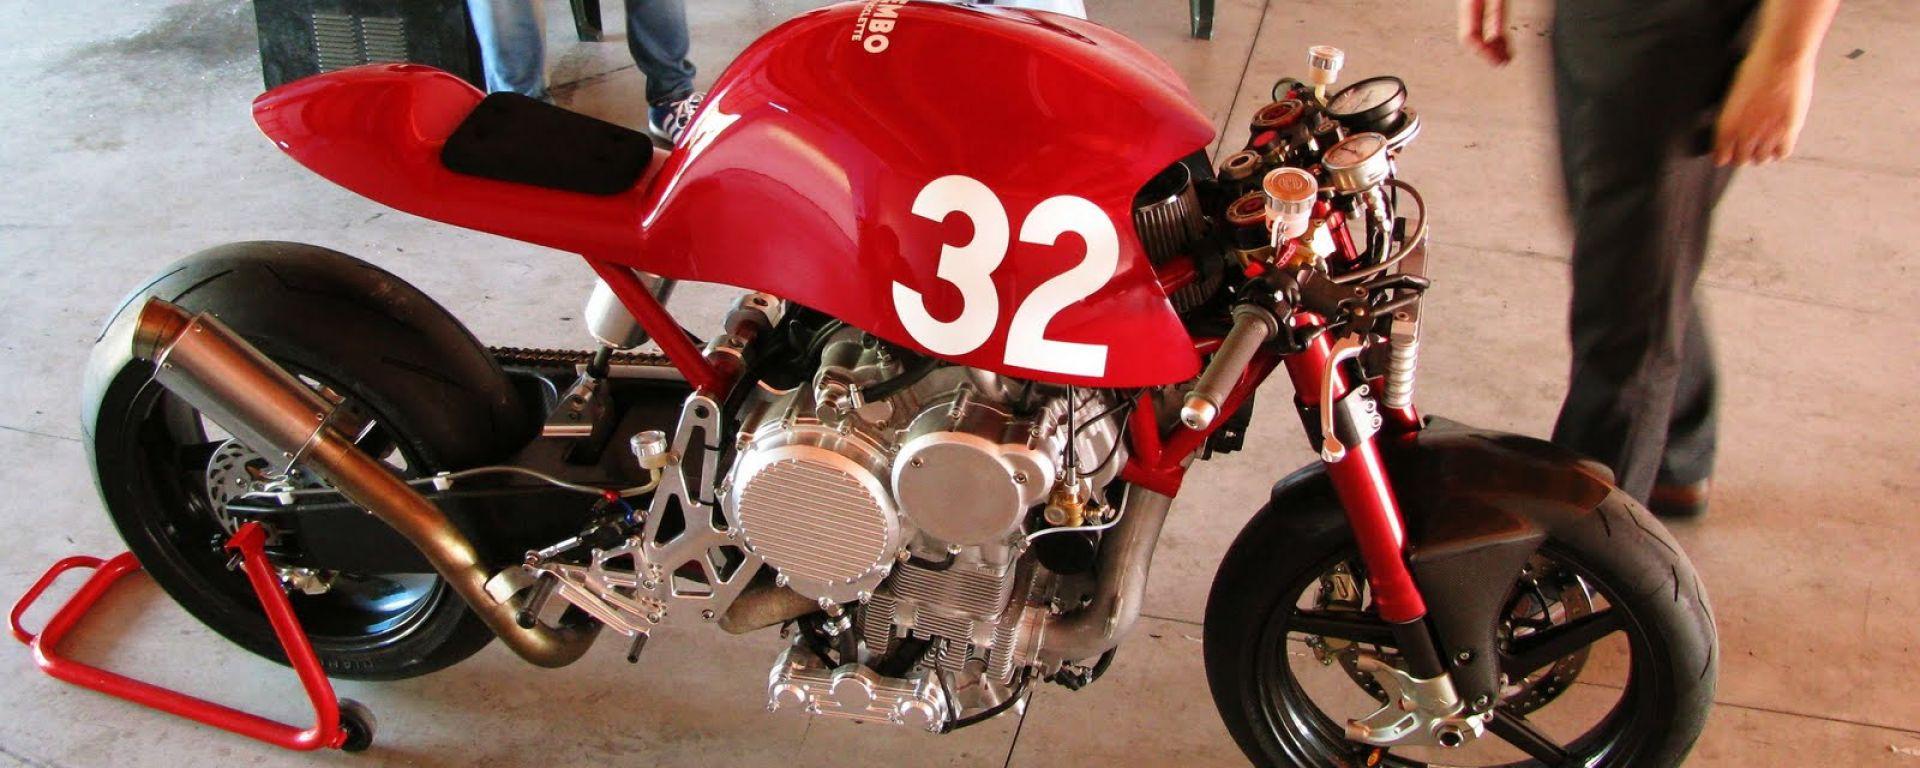 Nembo 32, la moto con il motore a testa in giù